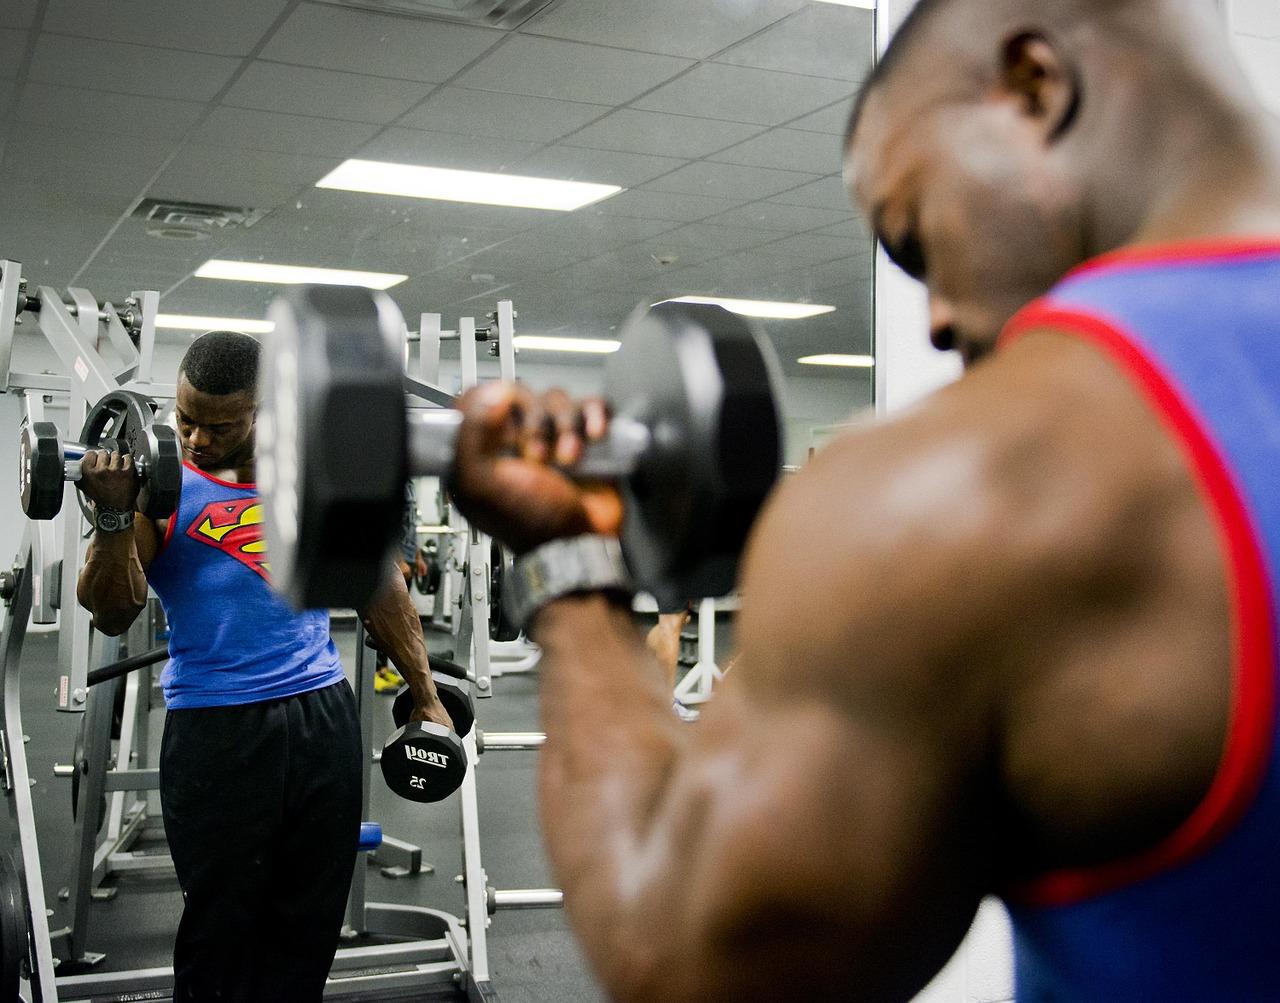 Zo combineer je cardio met je bodybuilding schema